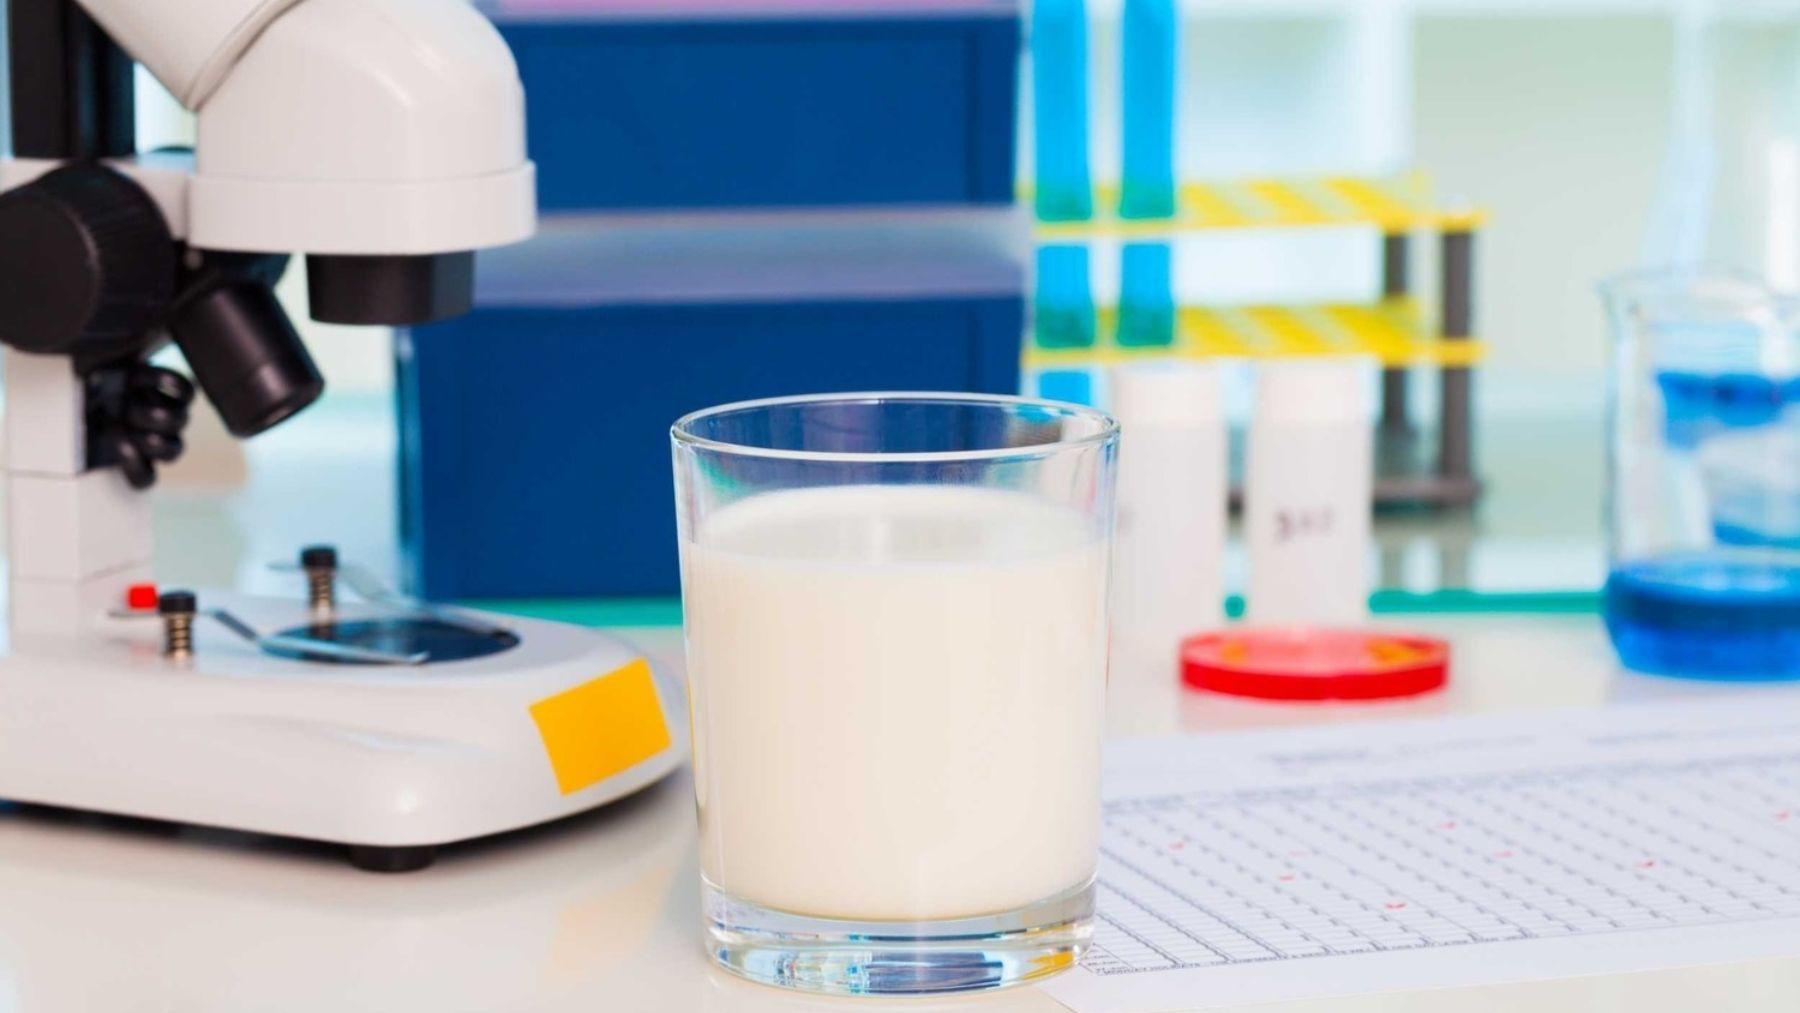 Descubre cómo es la nueva leche elaborada en un laboratorio